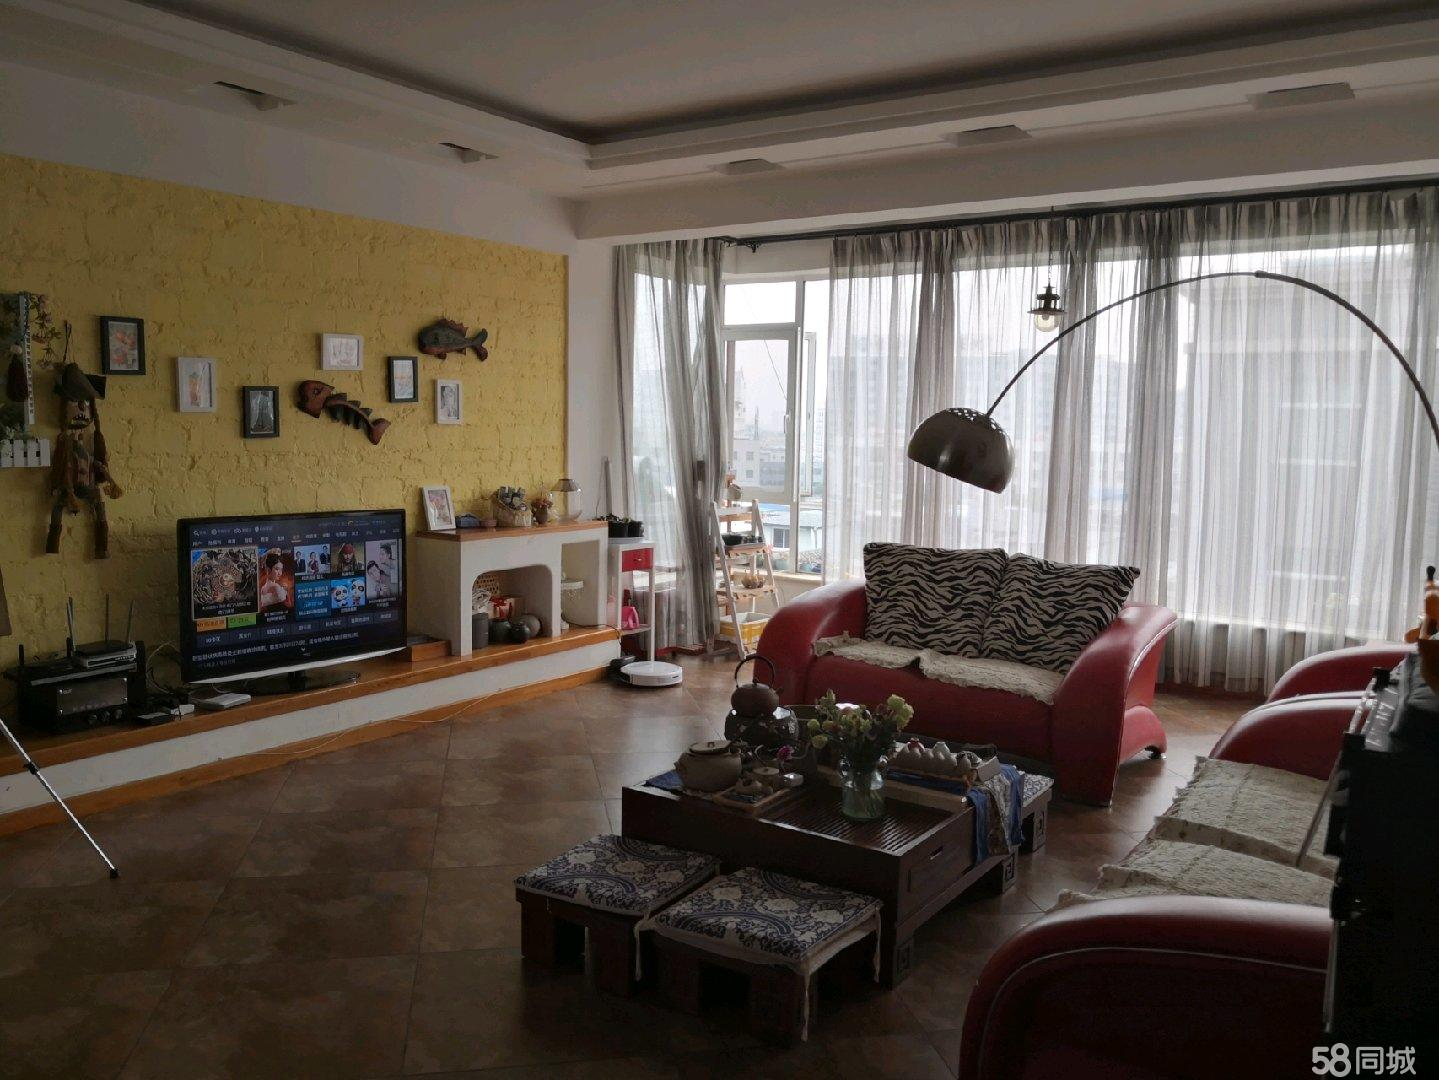 晓龙岛4室2厅2卫一阳台大平层好房出售含部分家具家电